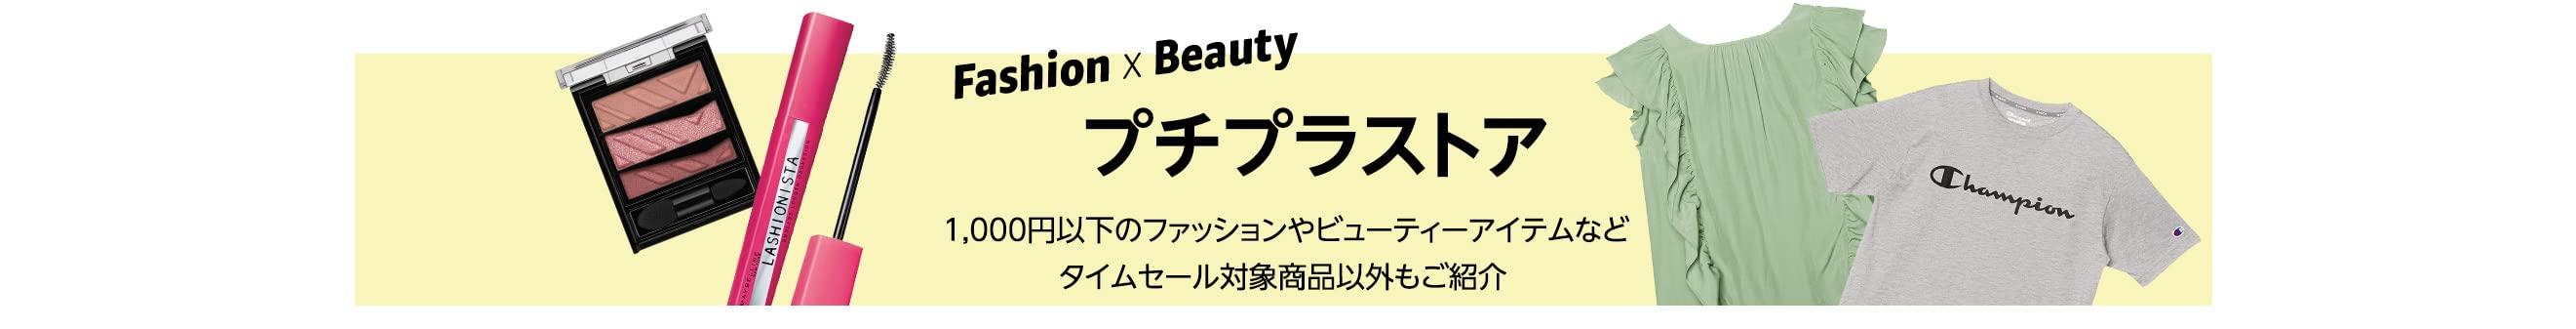 プチプラストア Fashion x Beauty 1,000円以下のファッションやビューティーアイテムなどタイムセール対象商品以外もご紹介